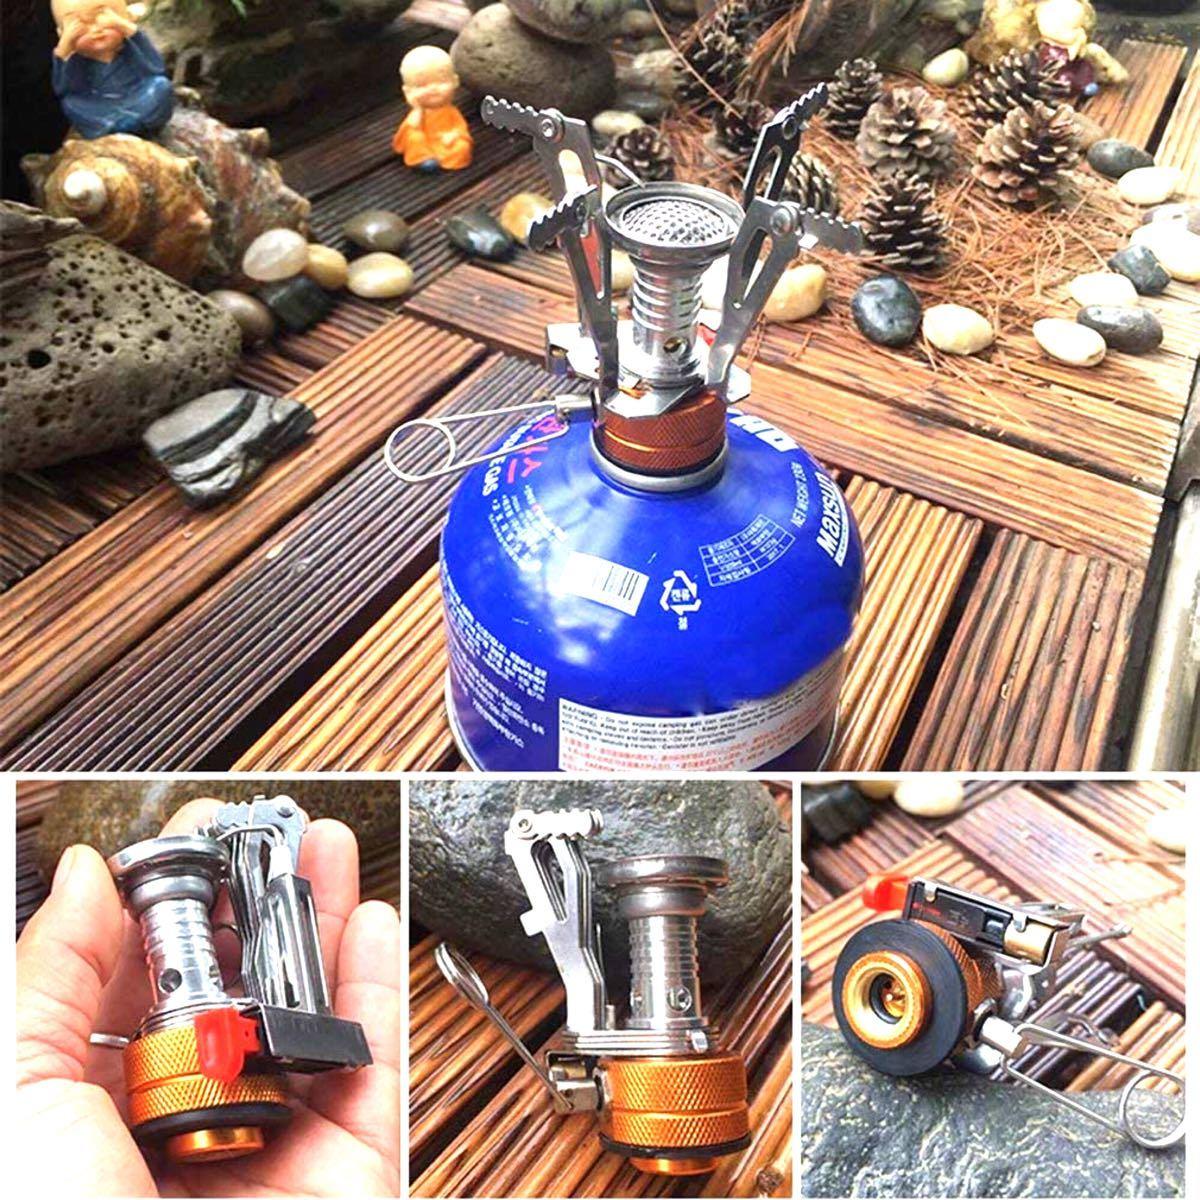 シングルバーナー ガスコンロ 圧電点火 コンパクトバーナー 火力調整 アウトドア